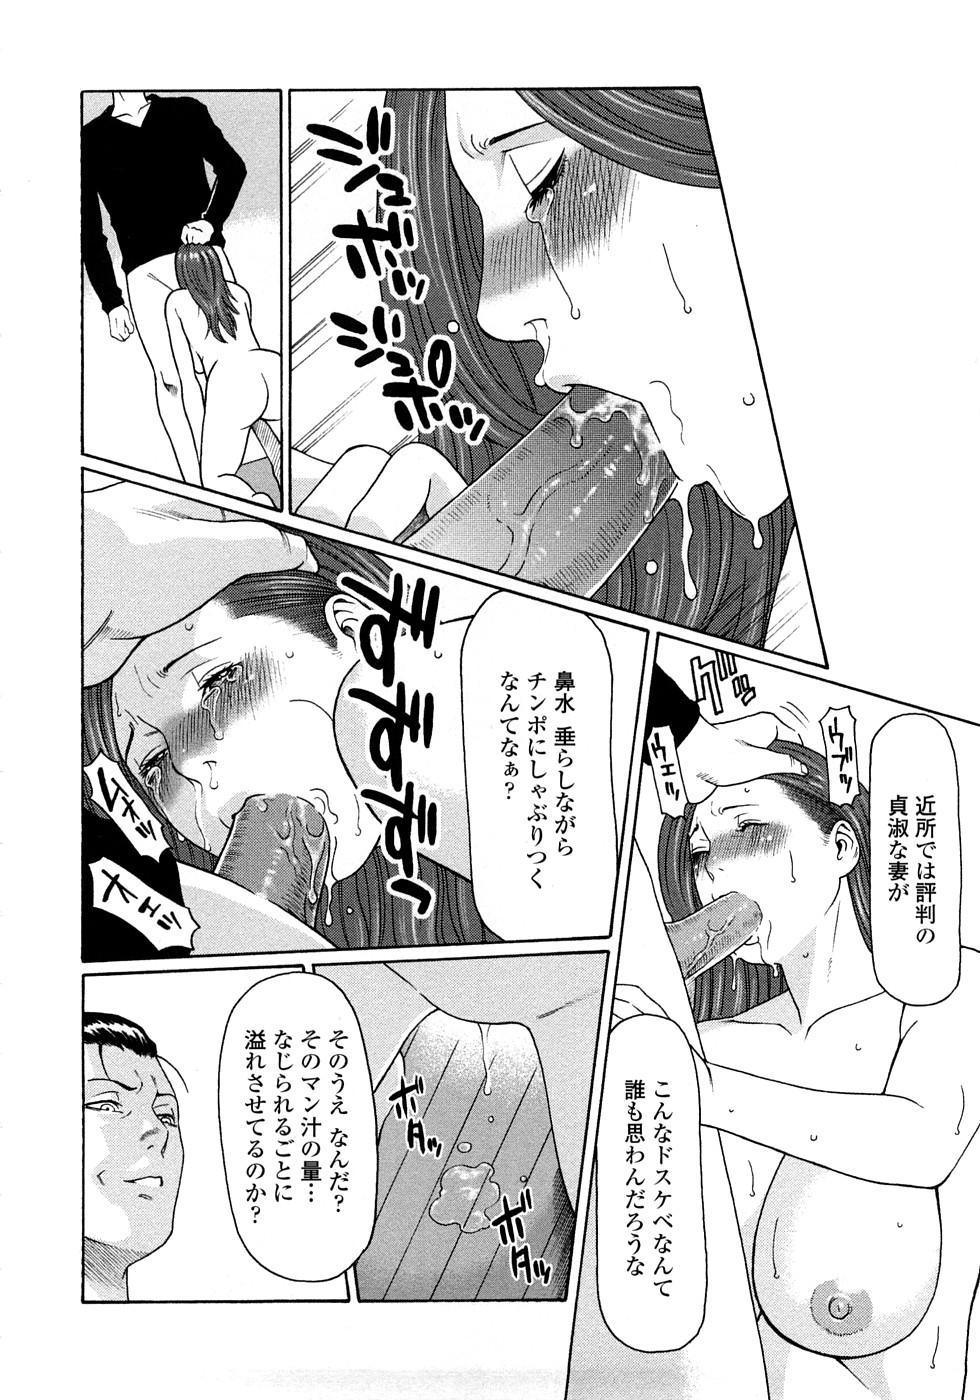 Etsuraku no Tobira - The Door of Sexual Pleasure 84